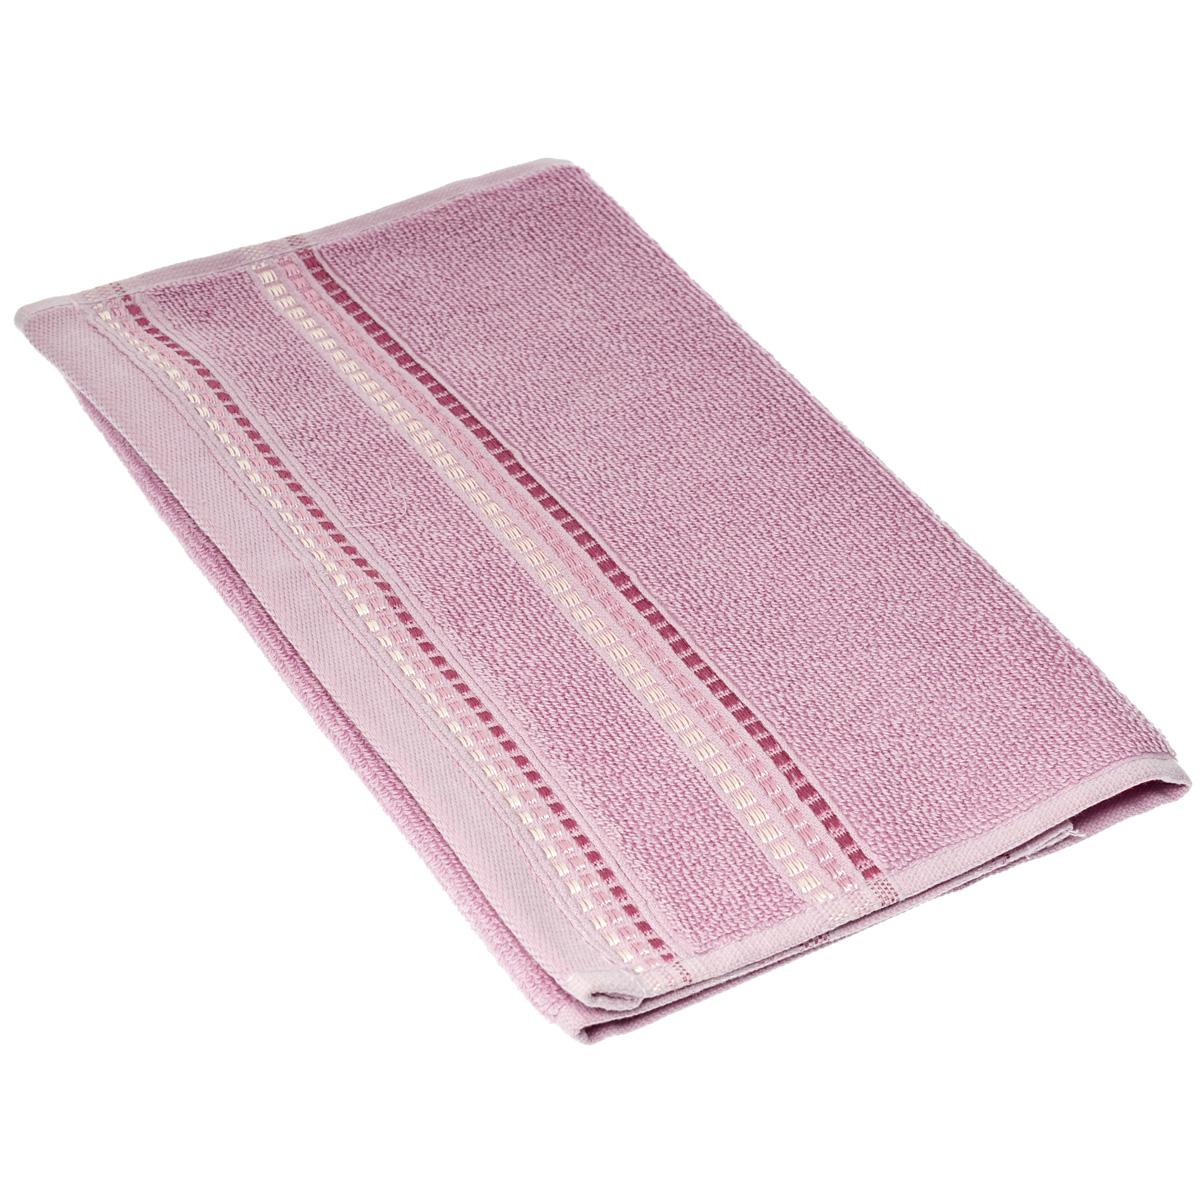 Полотенце махровое Coronet Пиано, цвет: сиреневый, 30 см х 50 смБ-МП-2020-08-11Махровое полотенце Coronet Пиано, изготовленное из натурального хлопка, подарит массу положительных эмоций и приятных ощущений. Полотенце отличается нежностью и мягкостью материала, утонченным дизайном и превосходным качеством. Оно прекрасно впитывает влагу, быстро сохнет и не теряет своих свойств после многократных стирок. Махровое полотенце Coronet Пиано станет достойным выбором для вас и приятным подарком для ваших близких. Мягкость и высокое качество материала, из которого изготовлены полотенца не оставит вас равнодушными.